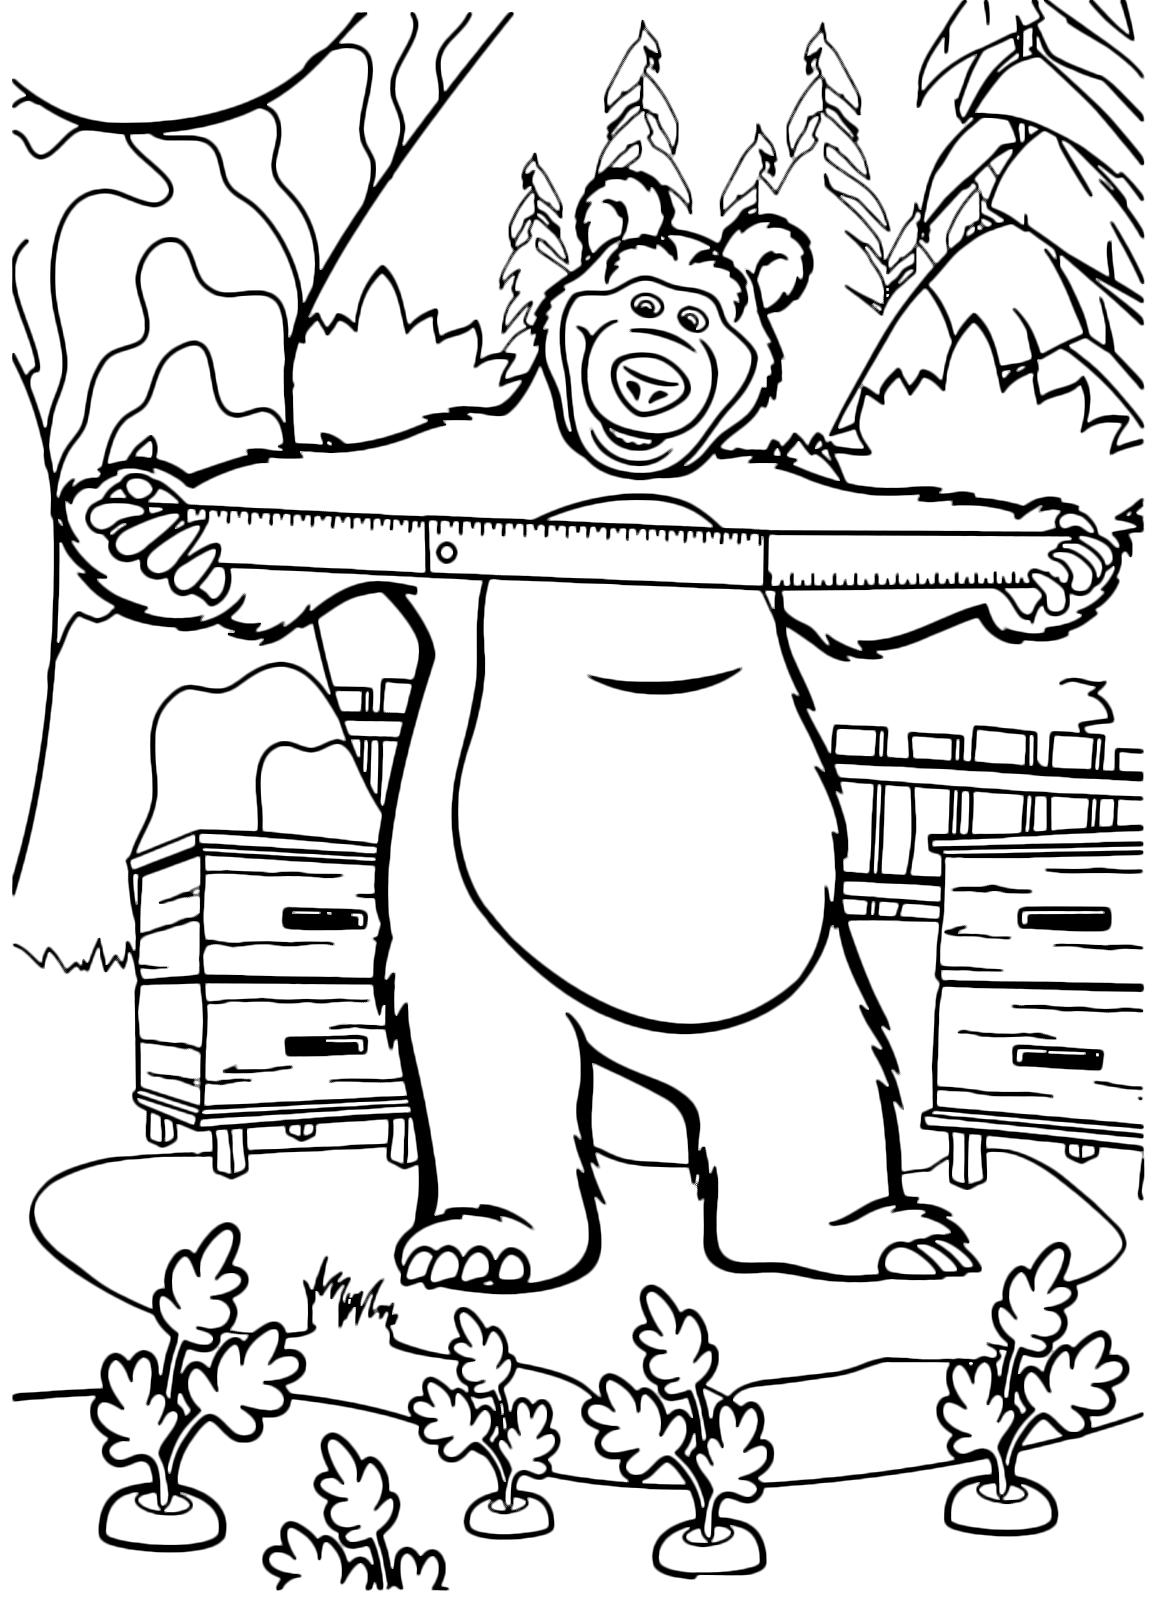 Masha e orso orso misura con il metro le carote for Masha e orso disegni da colorare